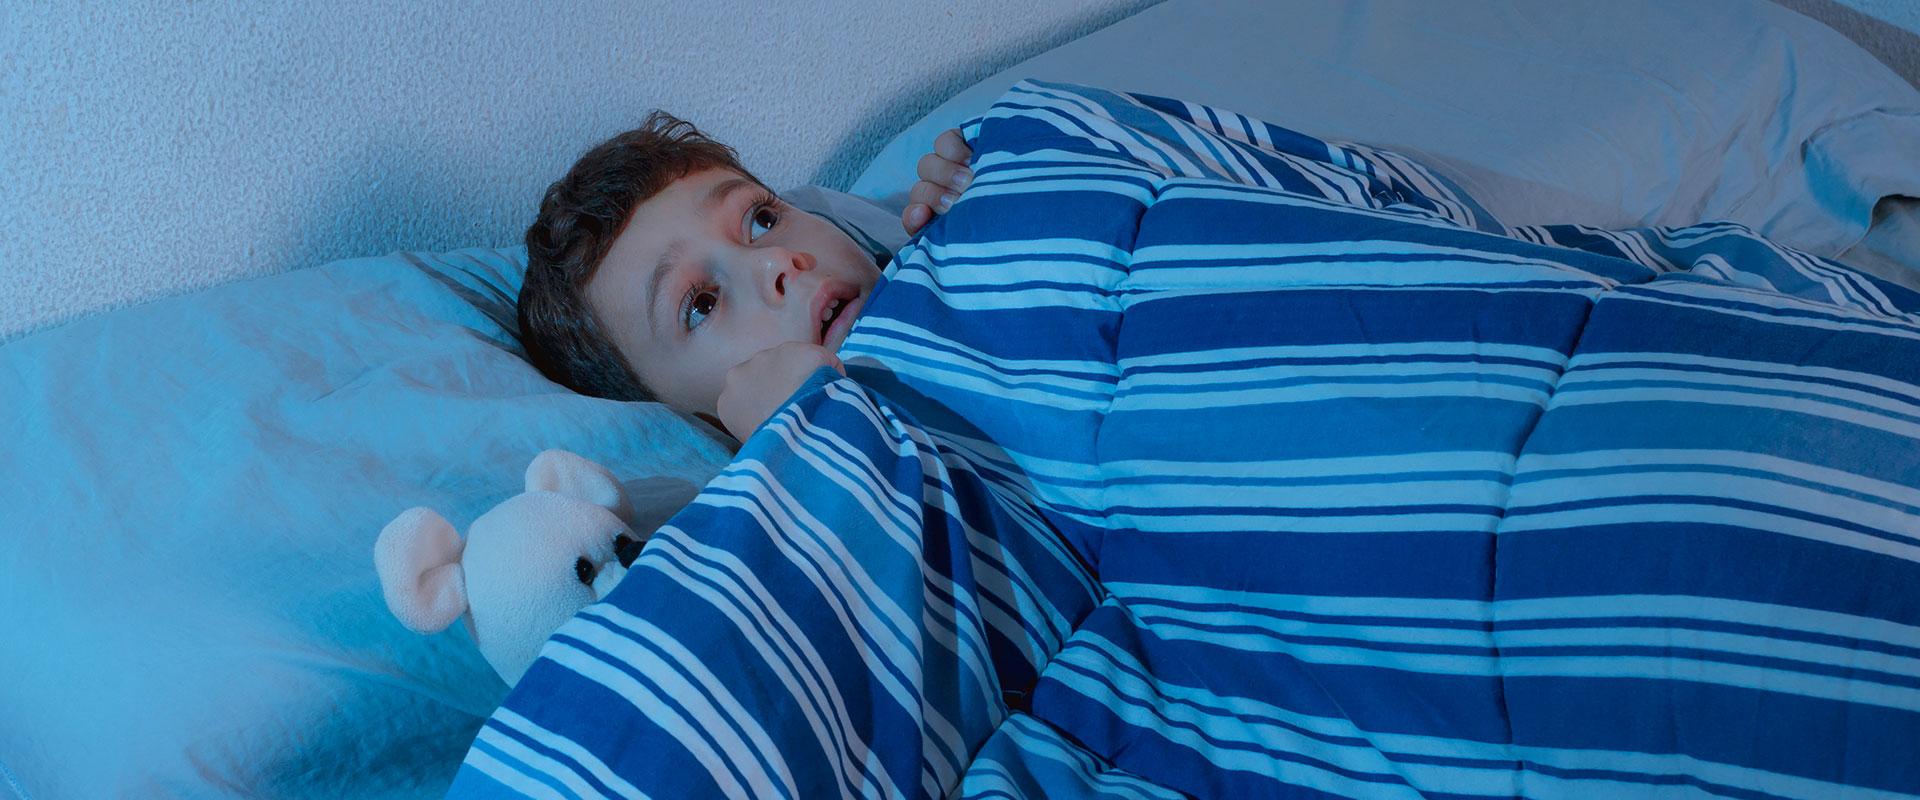 Niño despertando asustado a la mitad de la noche.